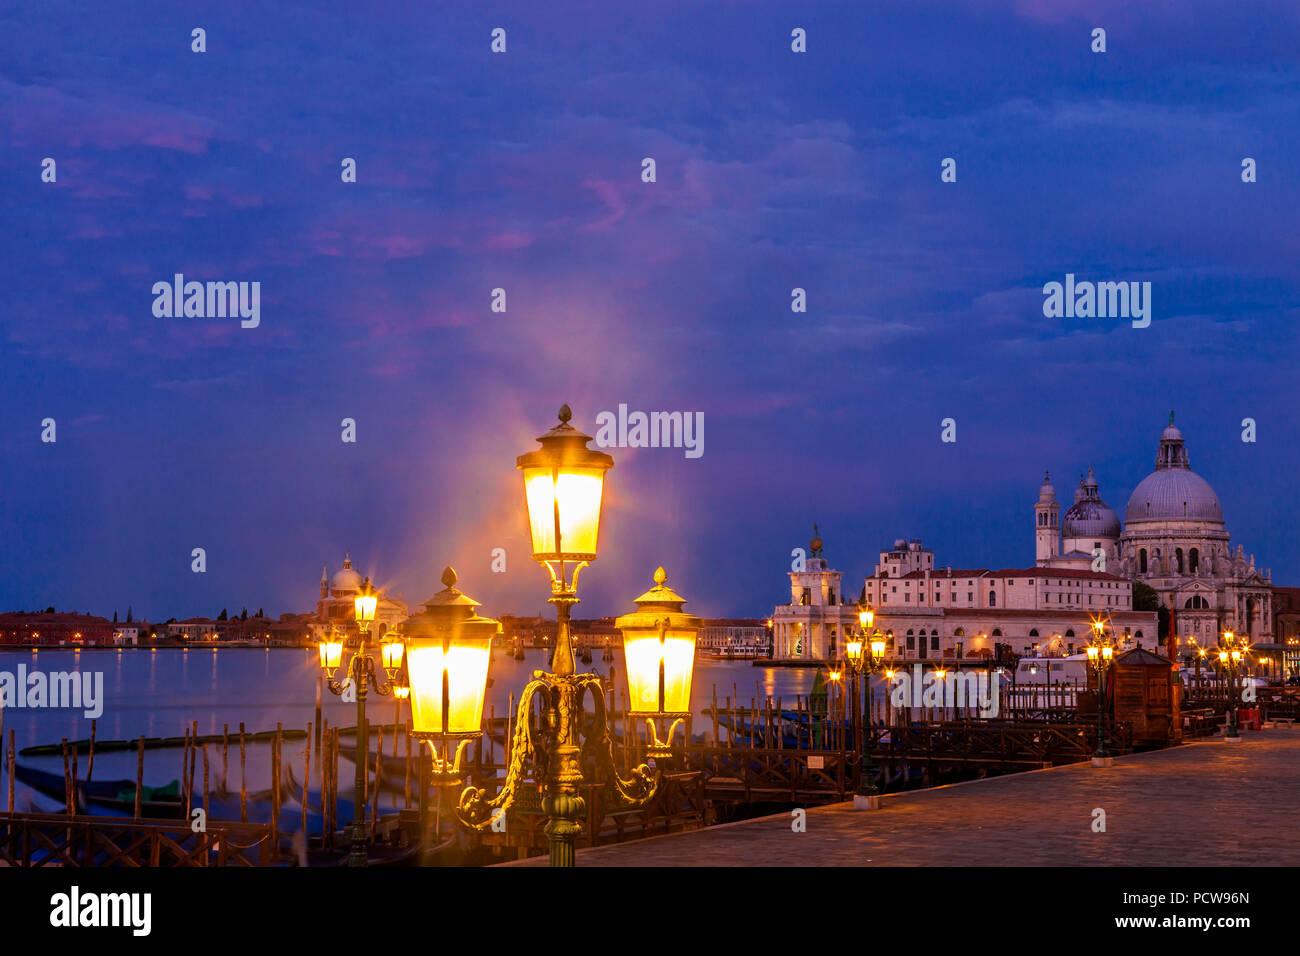 Santa Maria della Salute in Venice, Italy - Stock Image